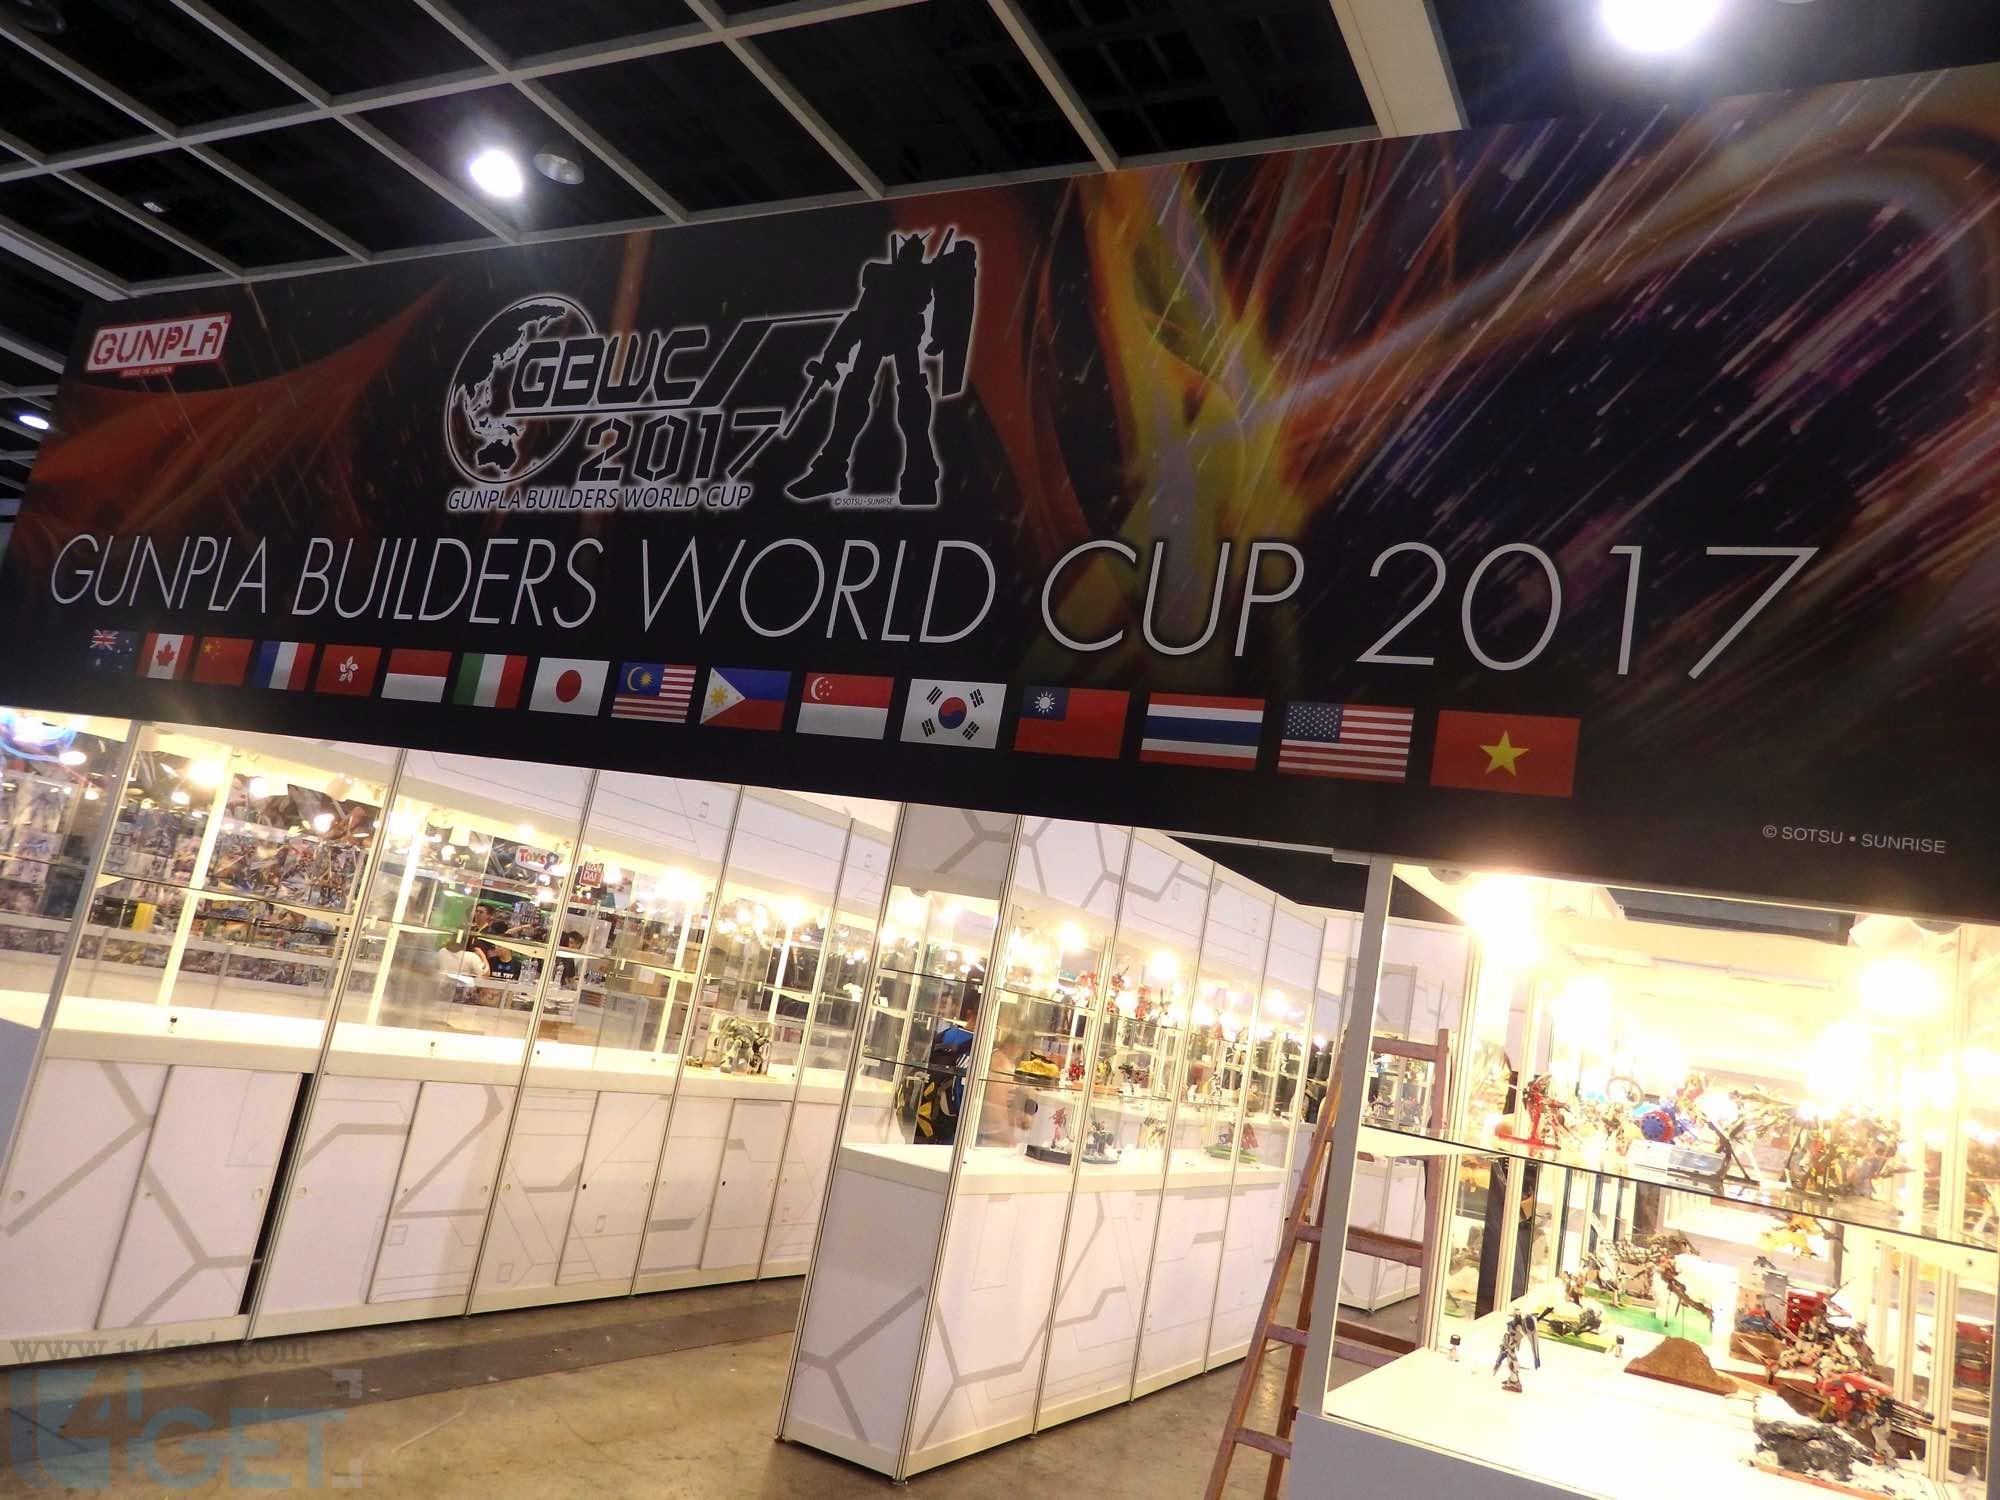 〔 動漫節 2017 〕 Gunpla Builders World Cup 2017 作品輯錄慢慢睇